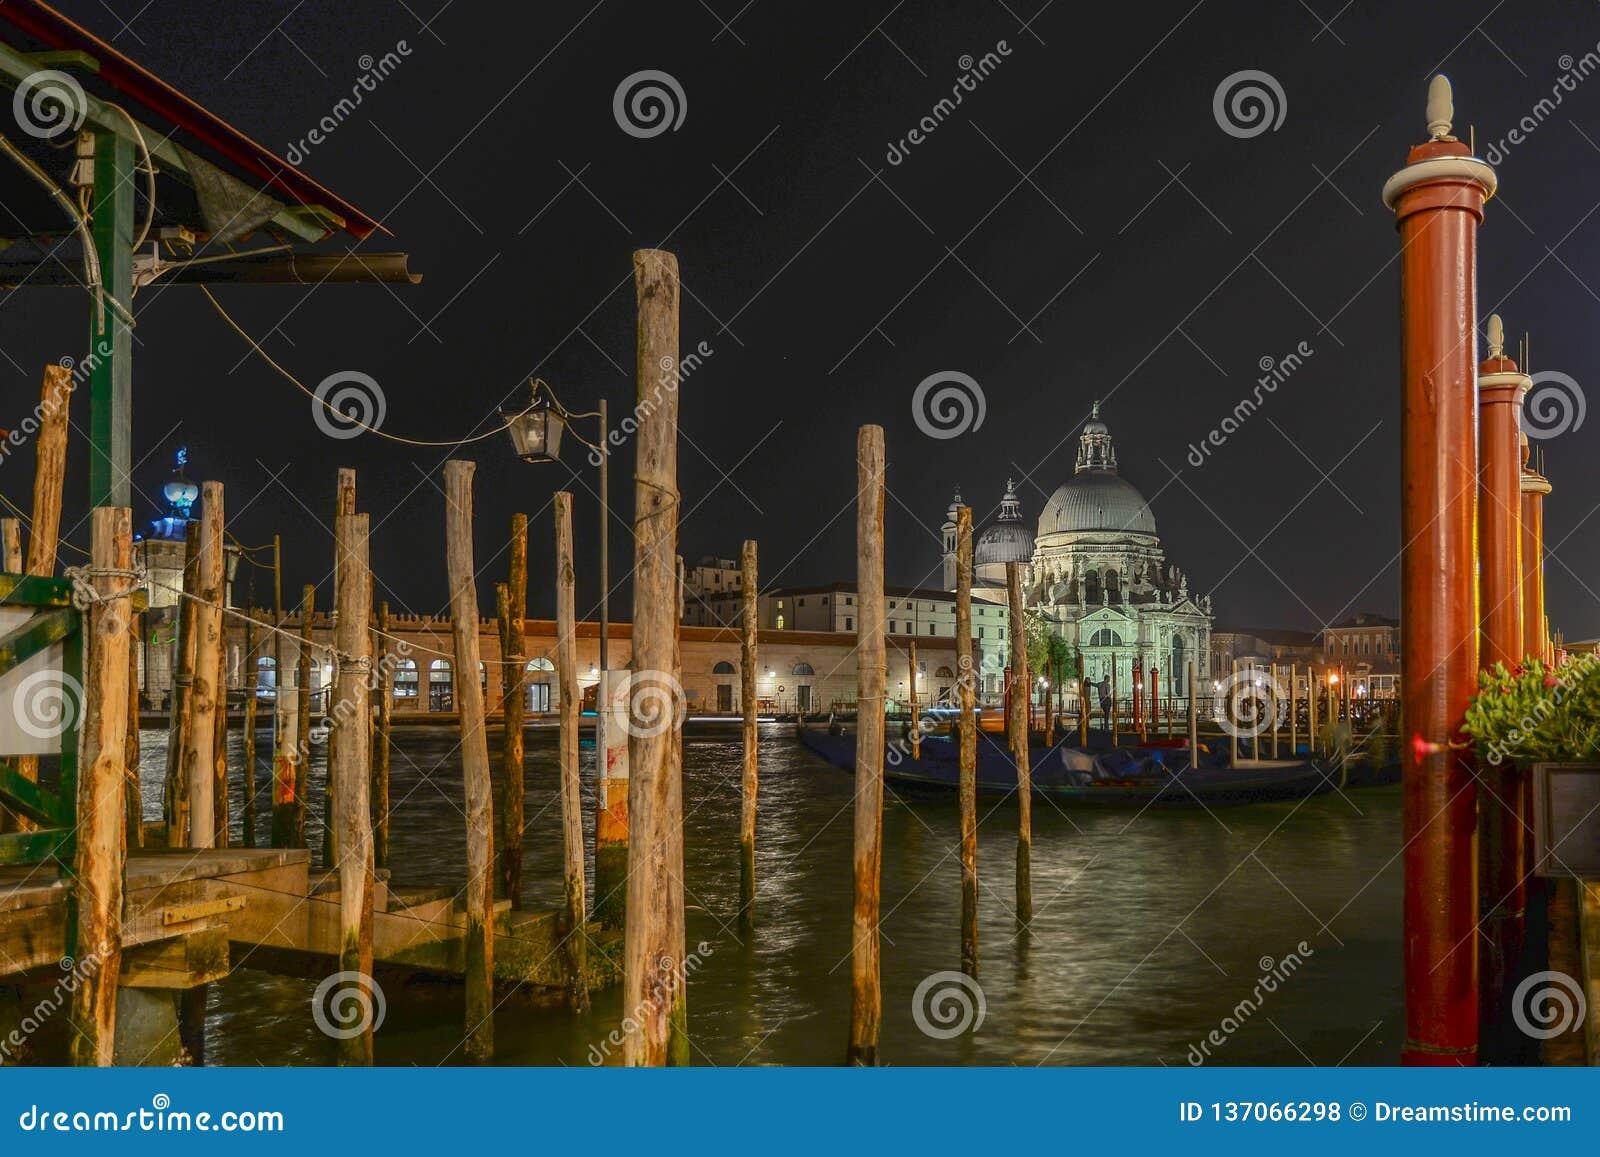 Basílica Santa Maria della Salute en la noche